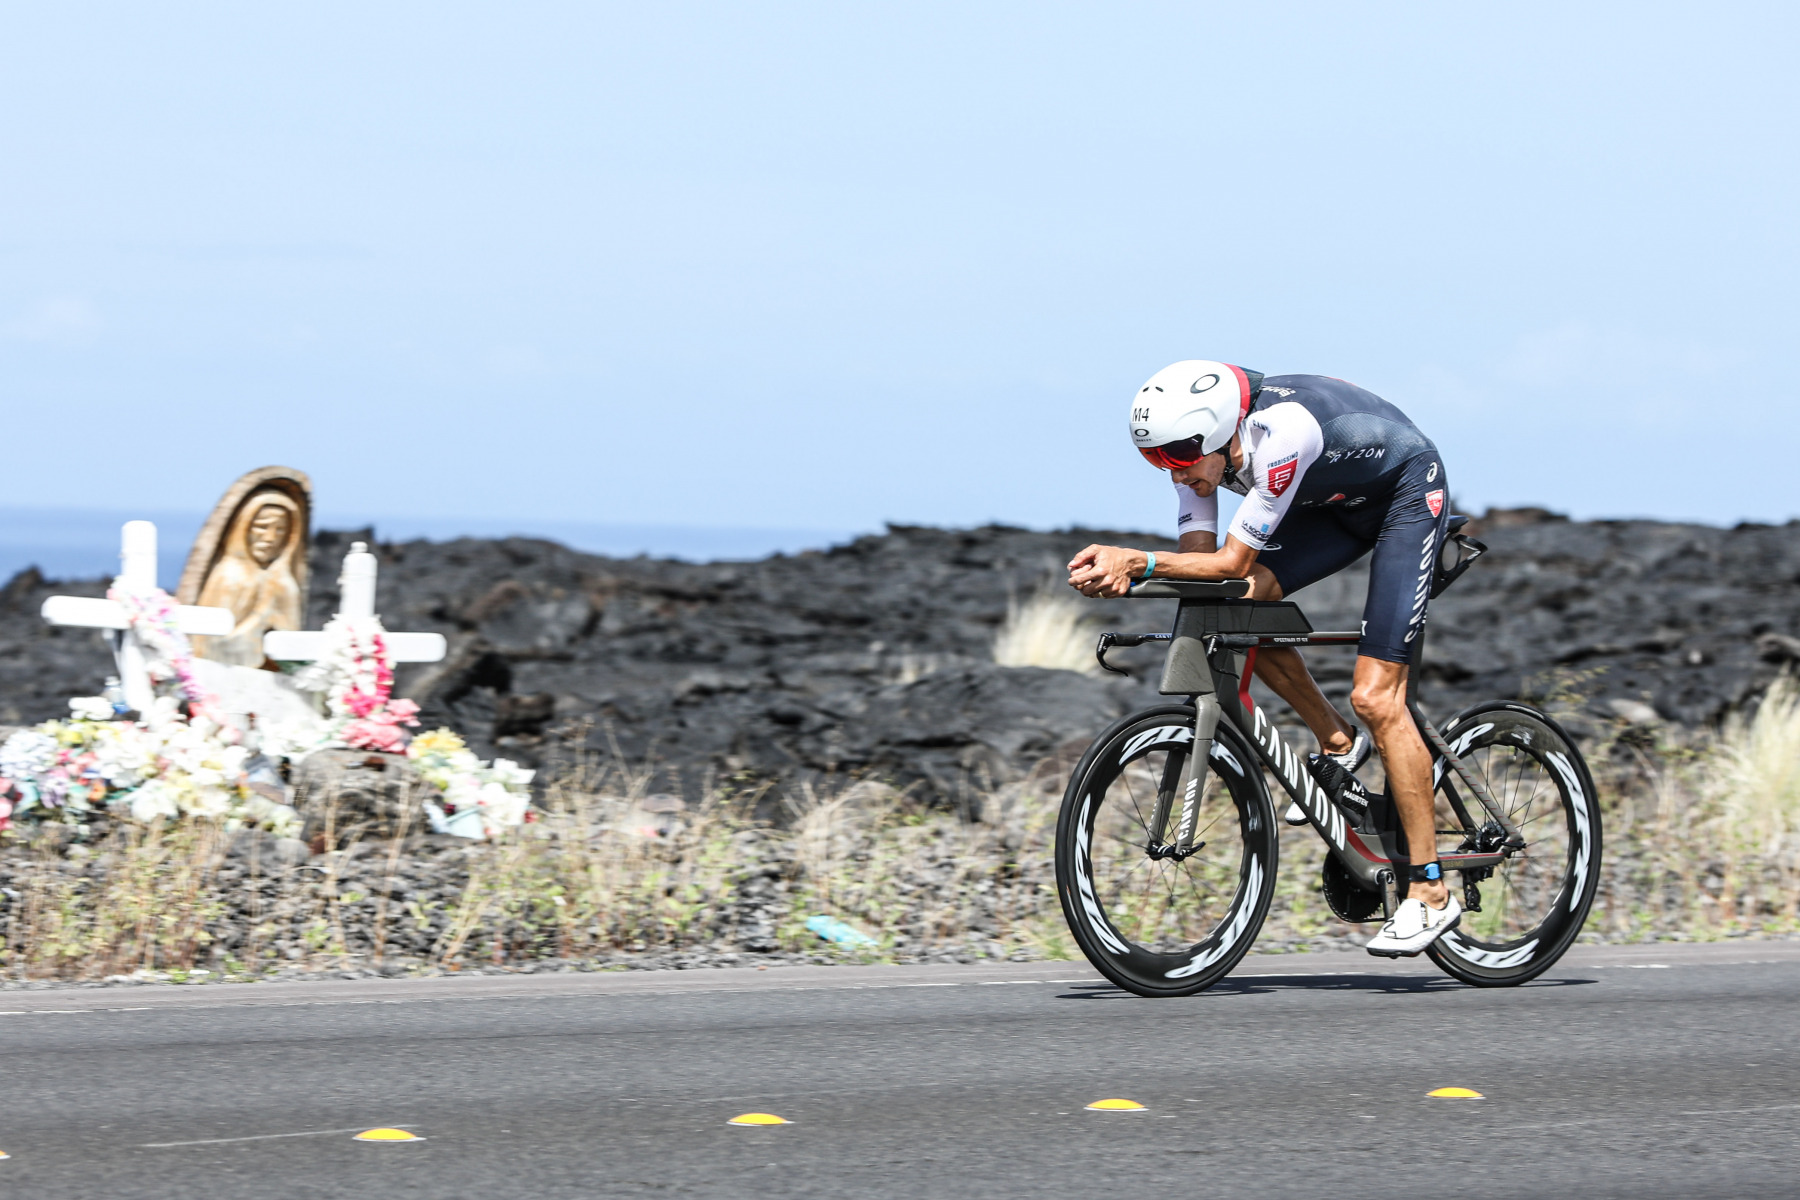 Als die Spitze nach Kailua-Kona zurückkehrt, ist Jan Frodeno weiterhin in perfekter Ausgangsposition.